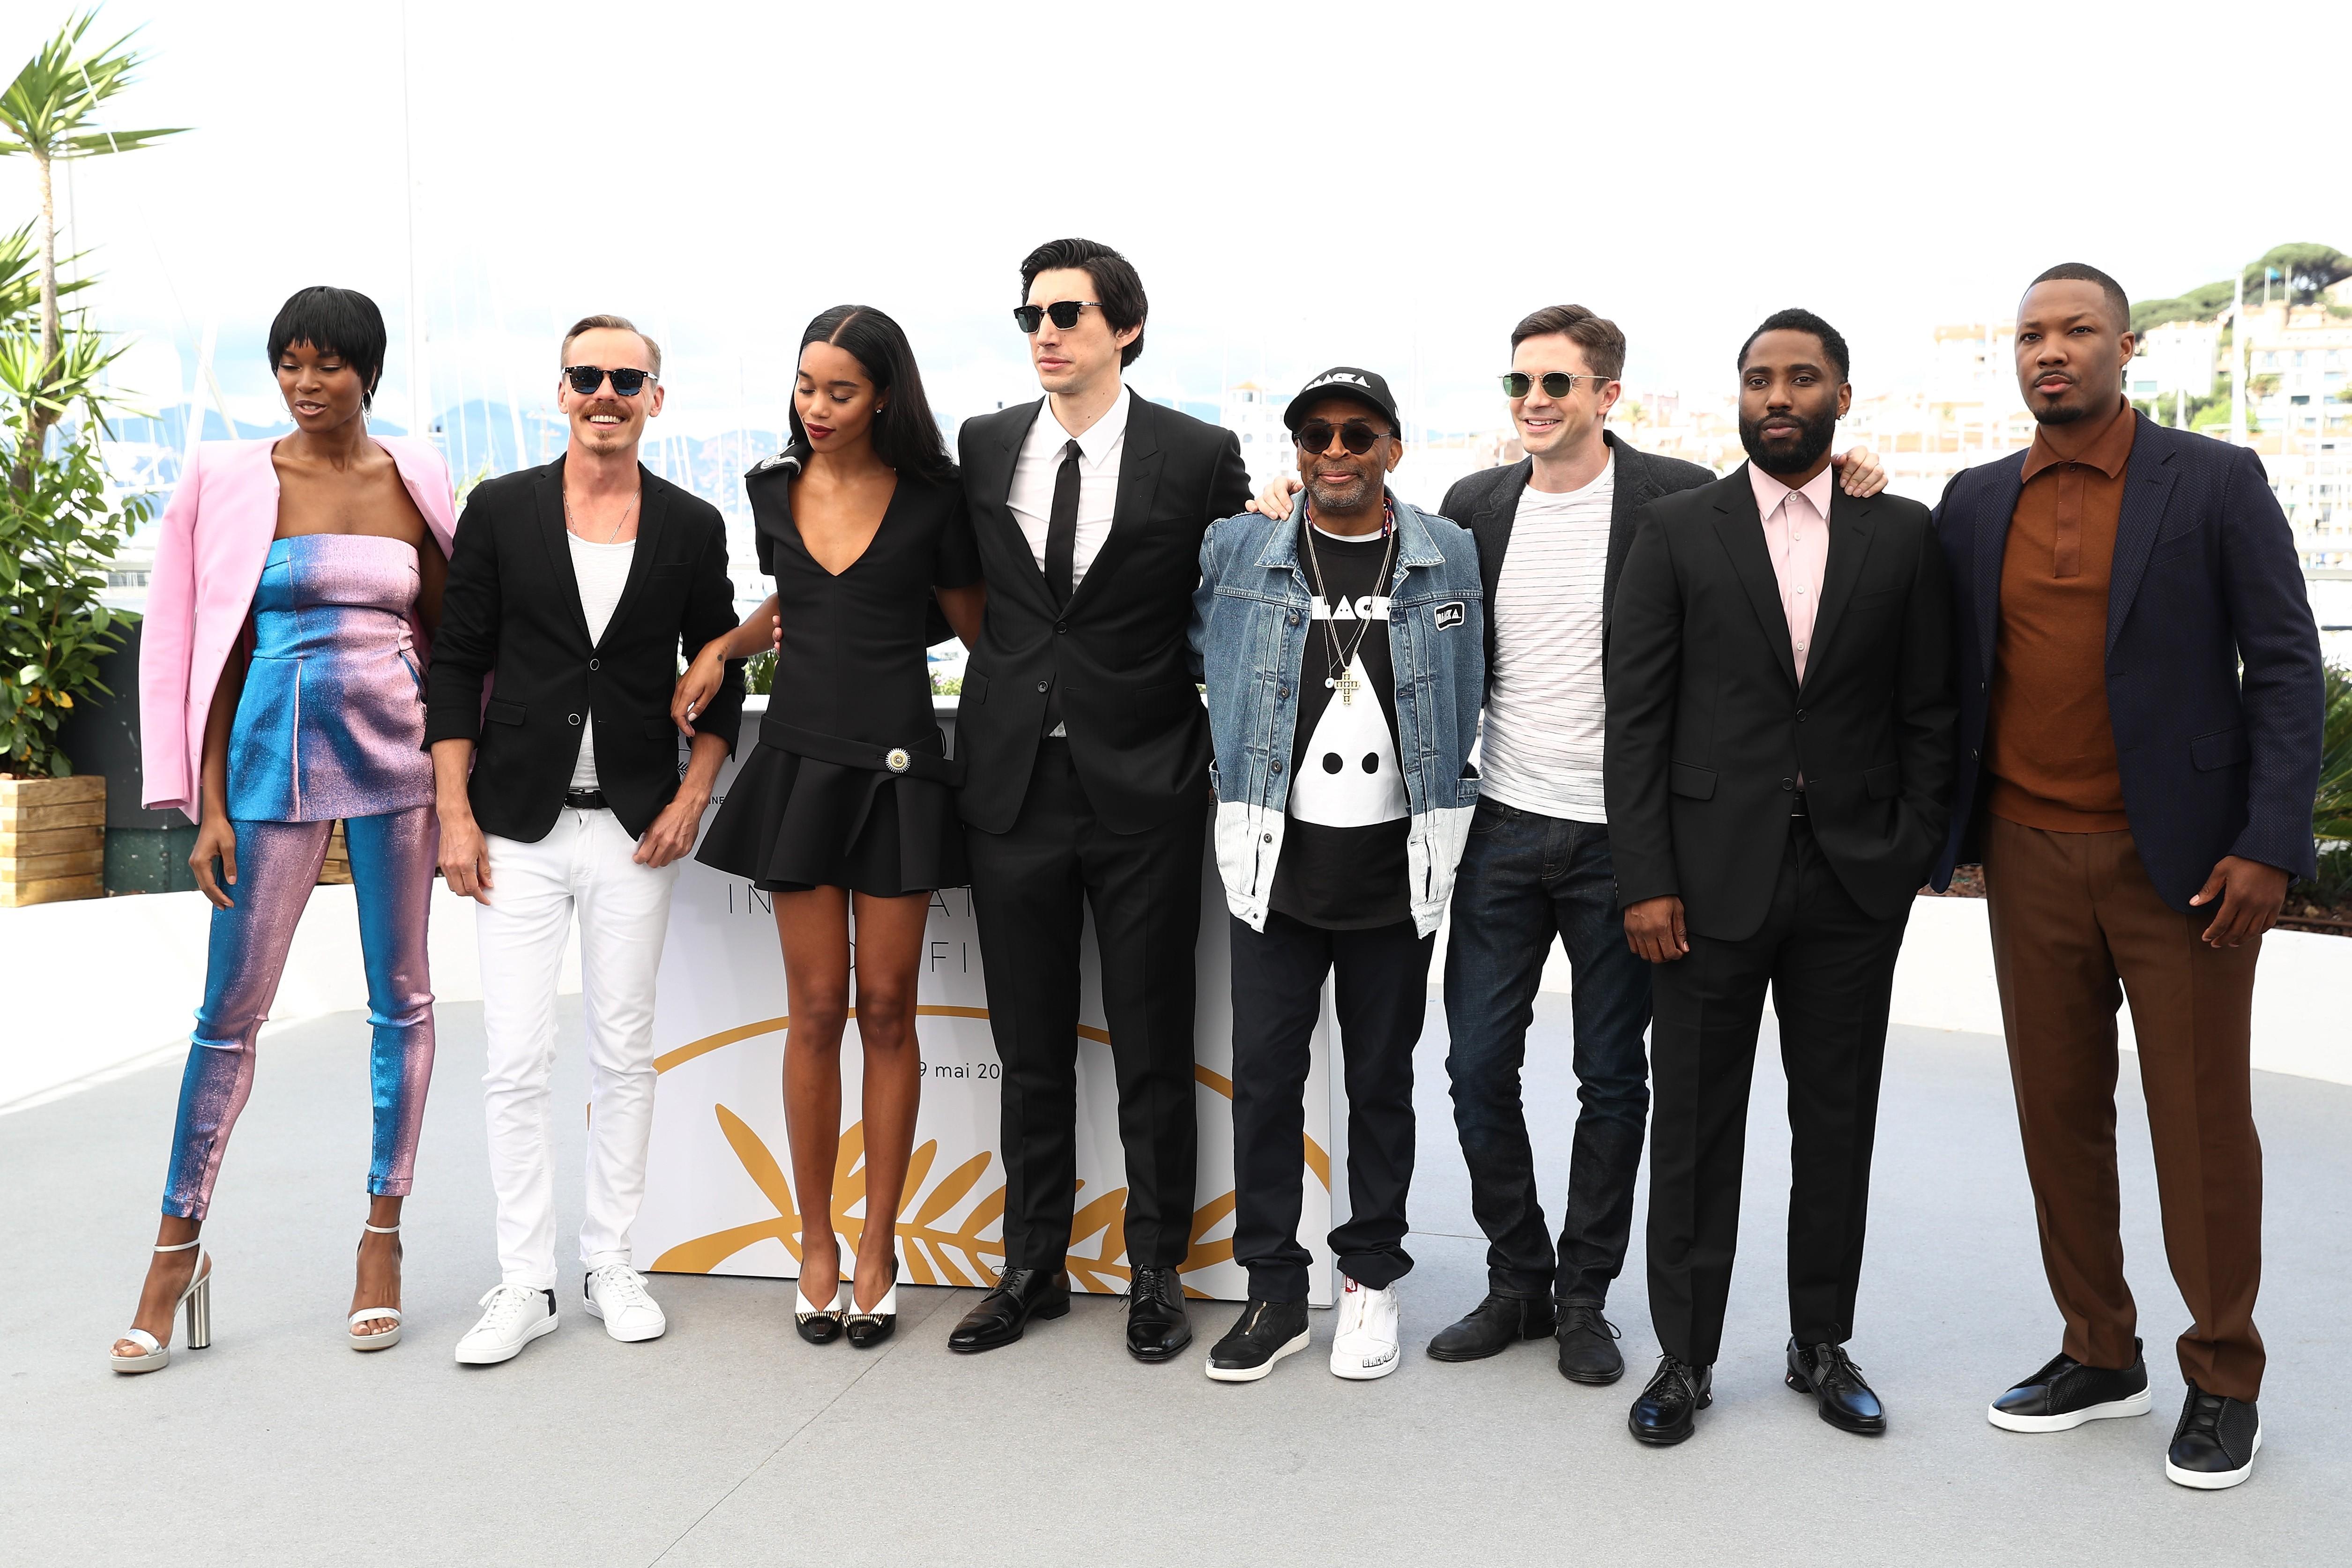 O diretor com o elenco de BlacKKKlansman durante a apresentação (Foto: Getty Images / Tristan Fewings)